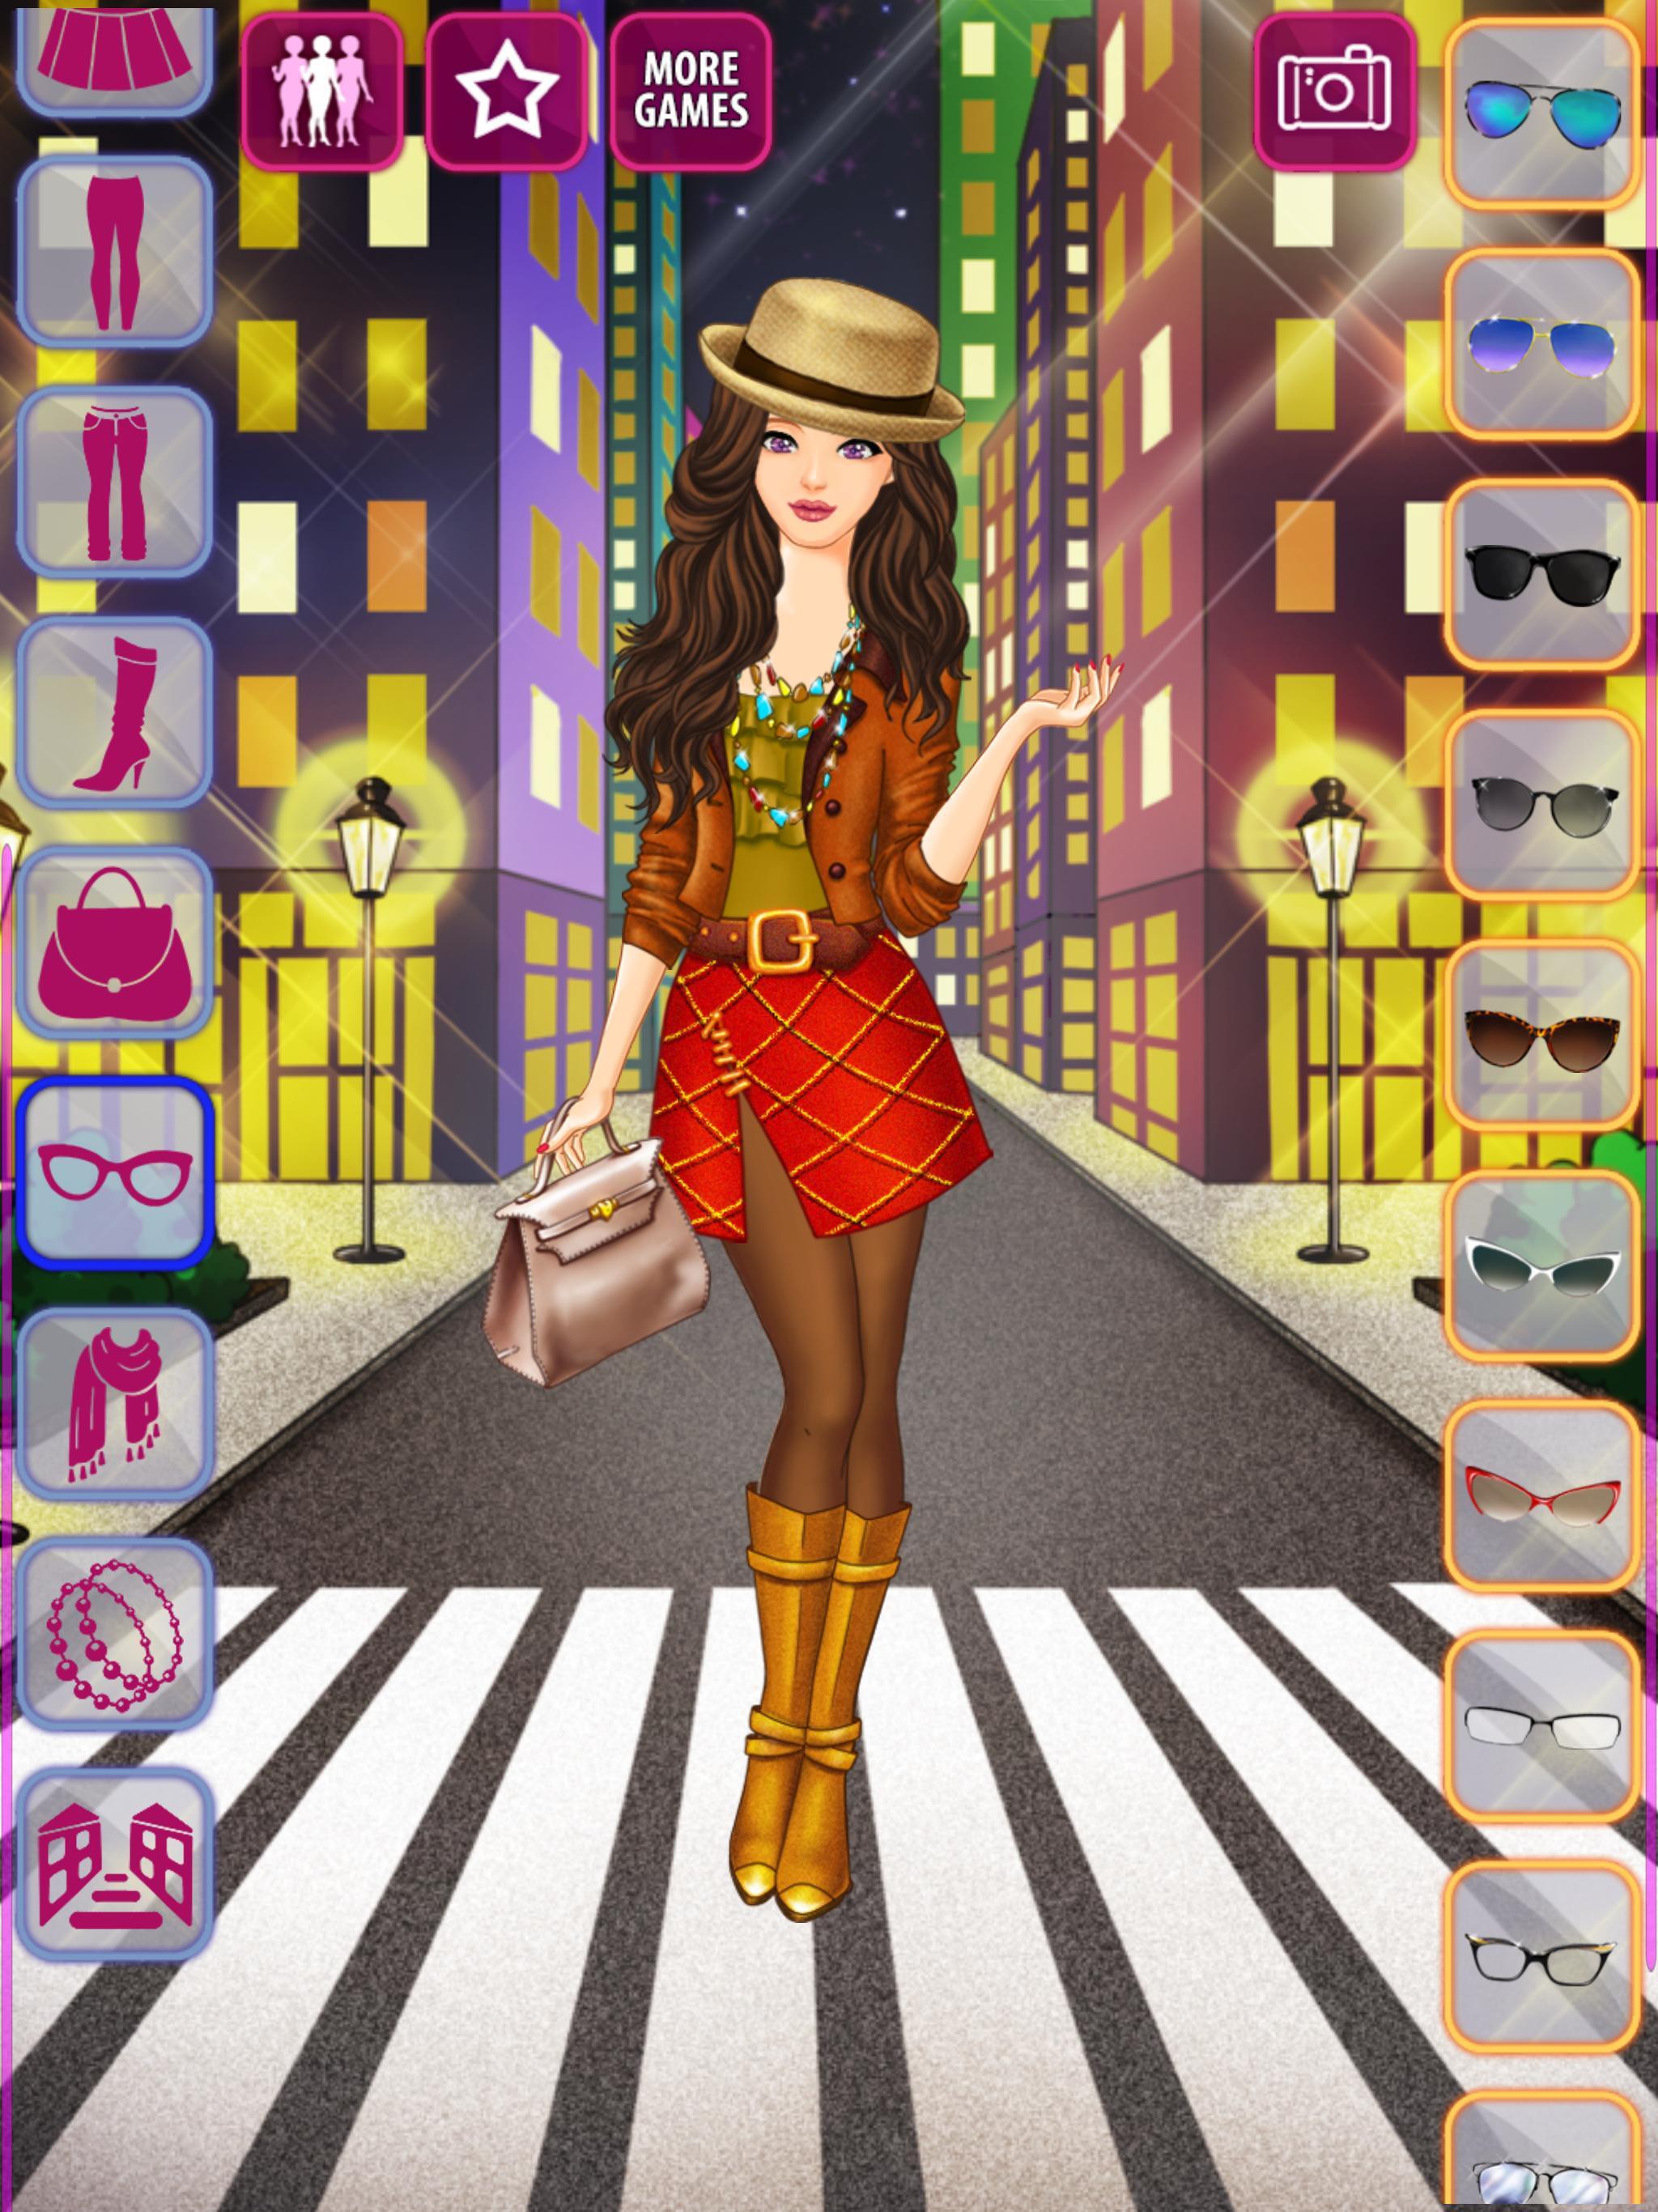 لعبة تلبيس عارضة الأزياء For Android Apk Download